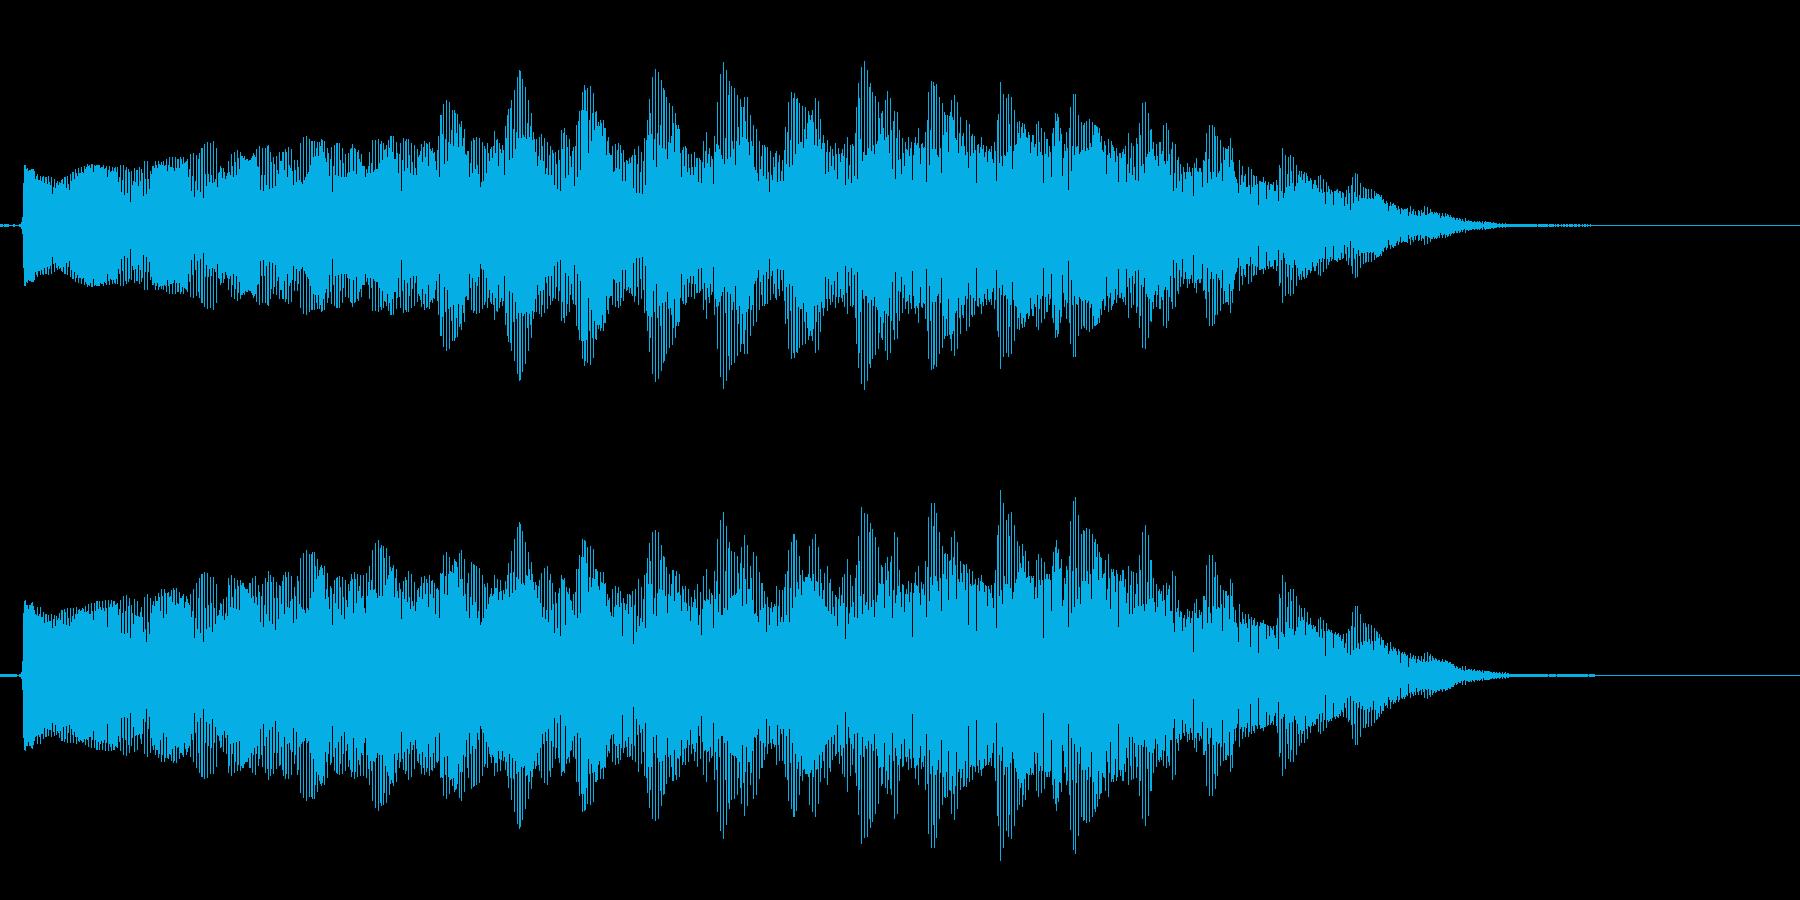 重低音 オルガン トレモロ音 ブンブンの再生済みの波形